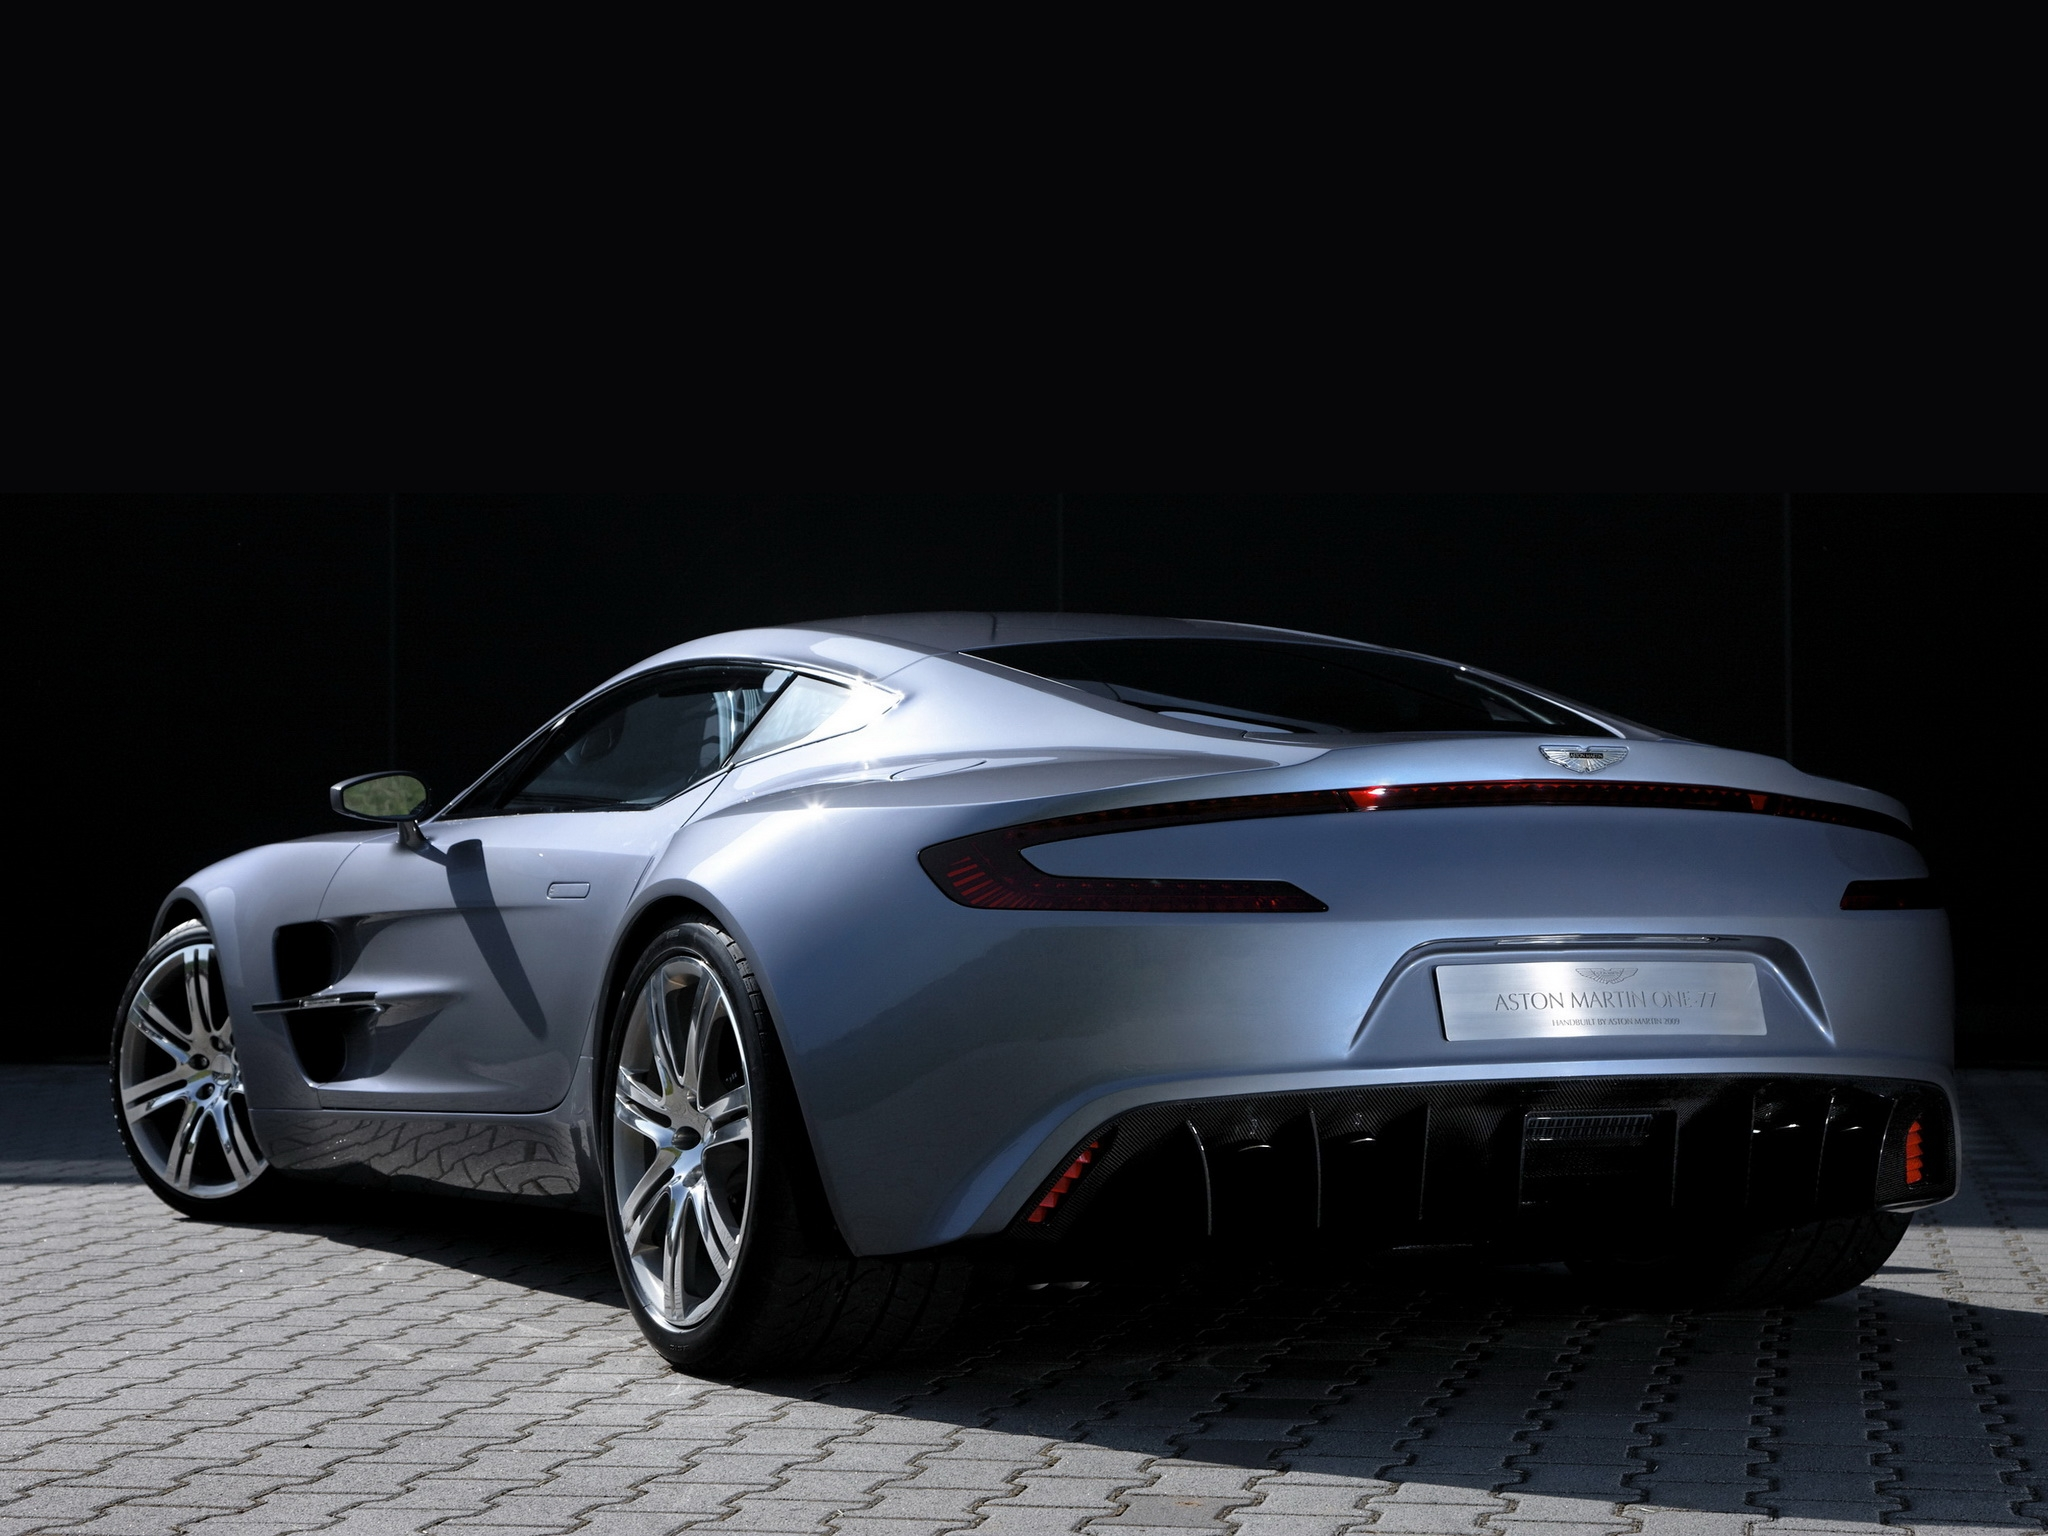 122851 Заставки и Обои Астон Мартин (Aston Martin) на телефон. Скачать Астон Мартин (Aston Martin), Тачки (Cars), Вид Сзади, Стиль, 2009, Серебряный Металлик, One-77 картинки бесплатно